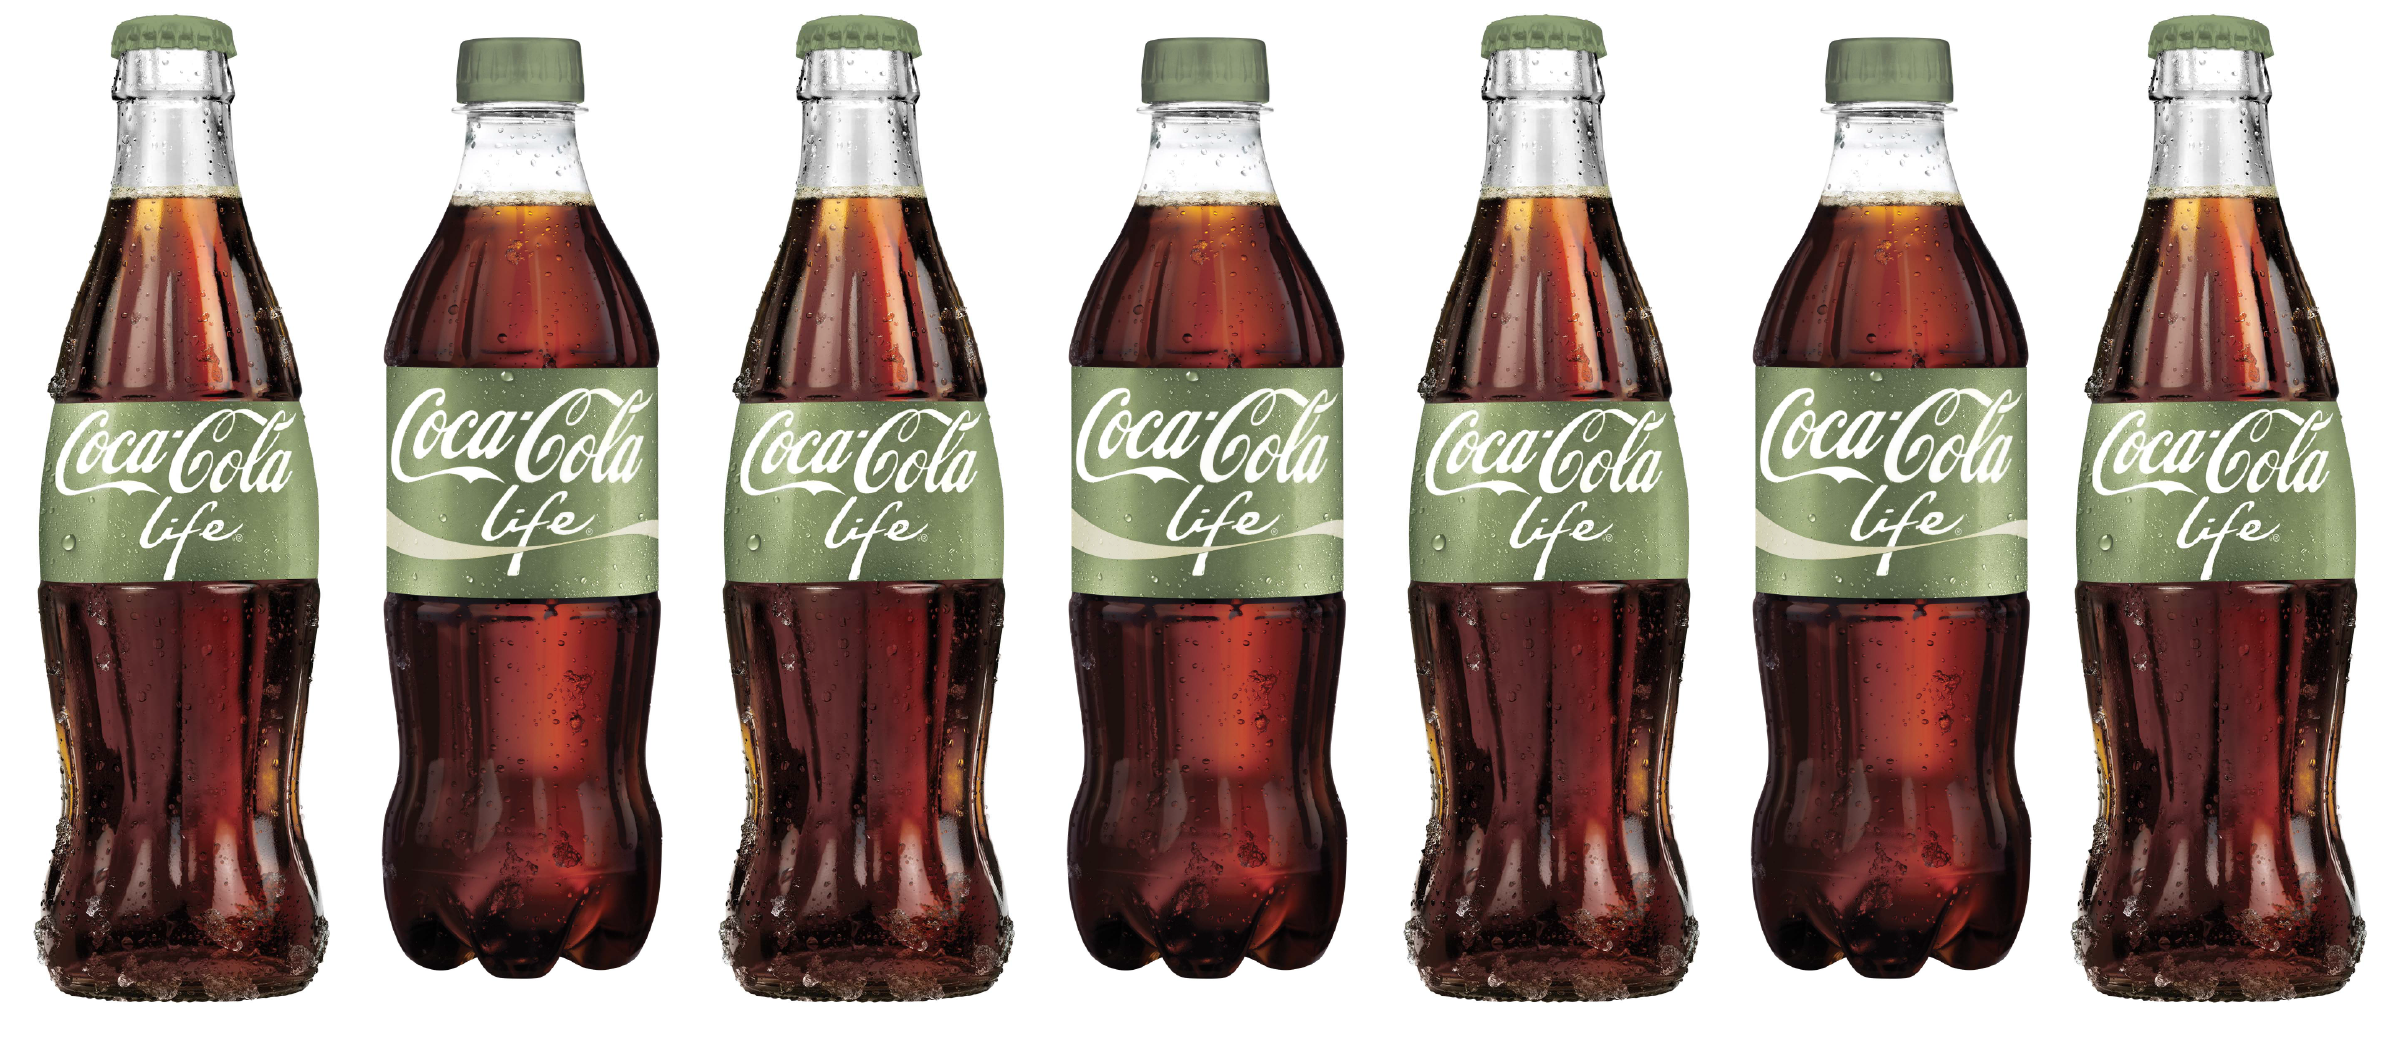 La nueva cara de Coca Cola